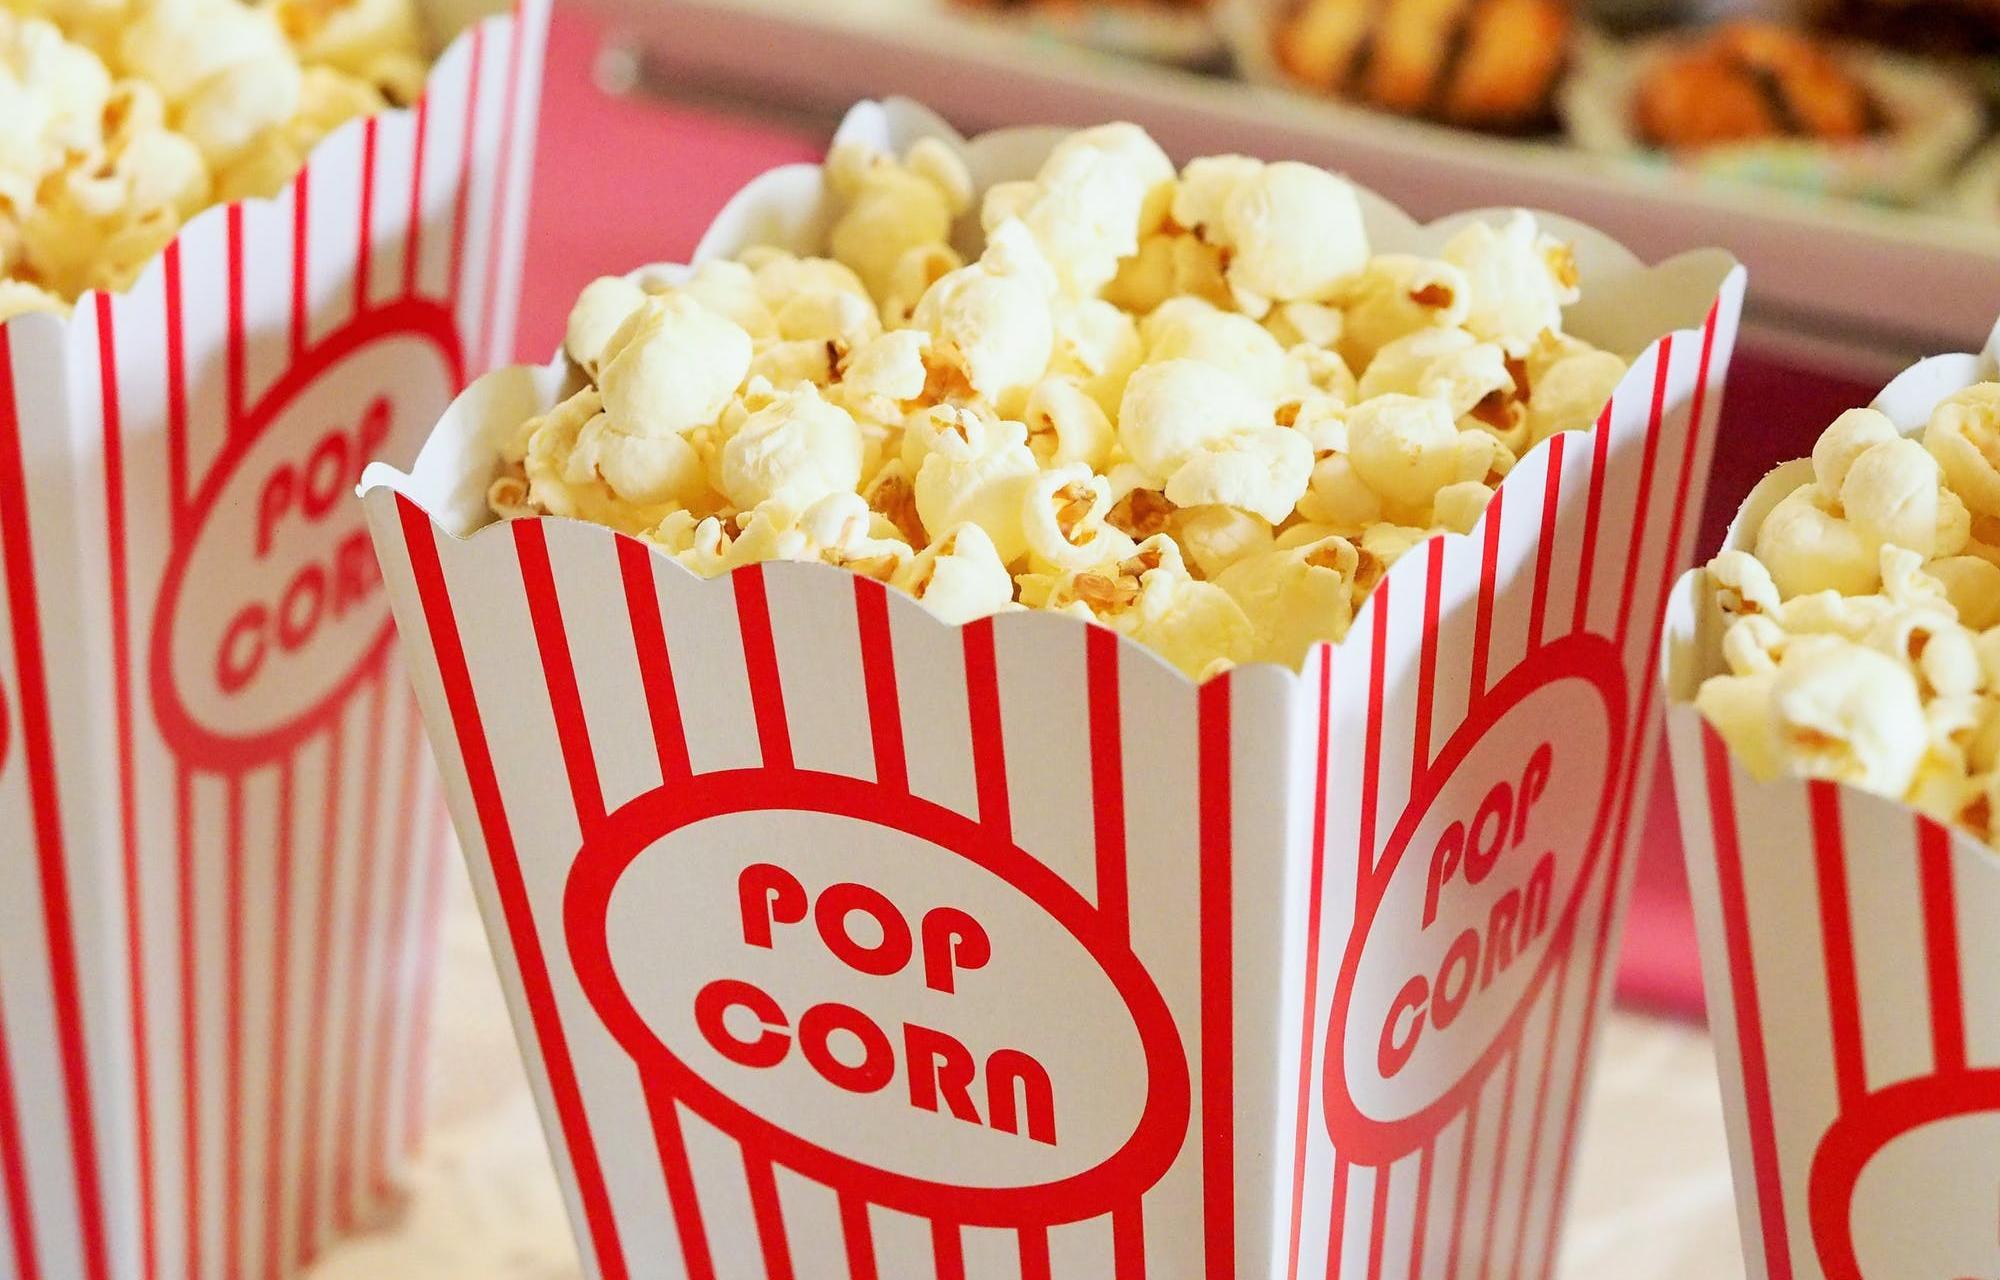 Такое кино нам не нужно. МКБ выявил рекордно низкий спрос на билеты в кинотеатры - новости Афанасий